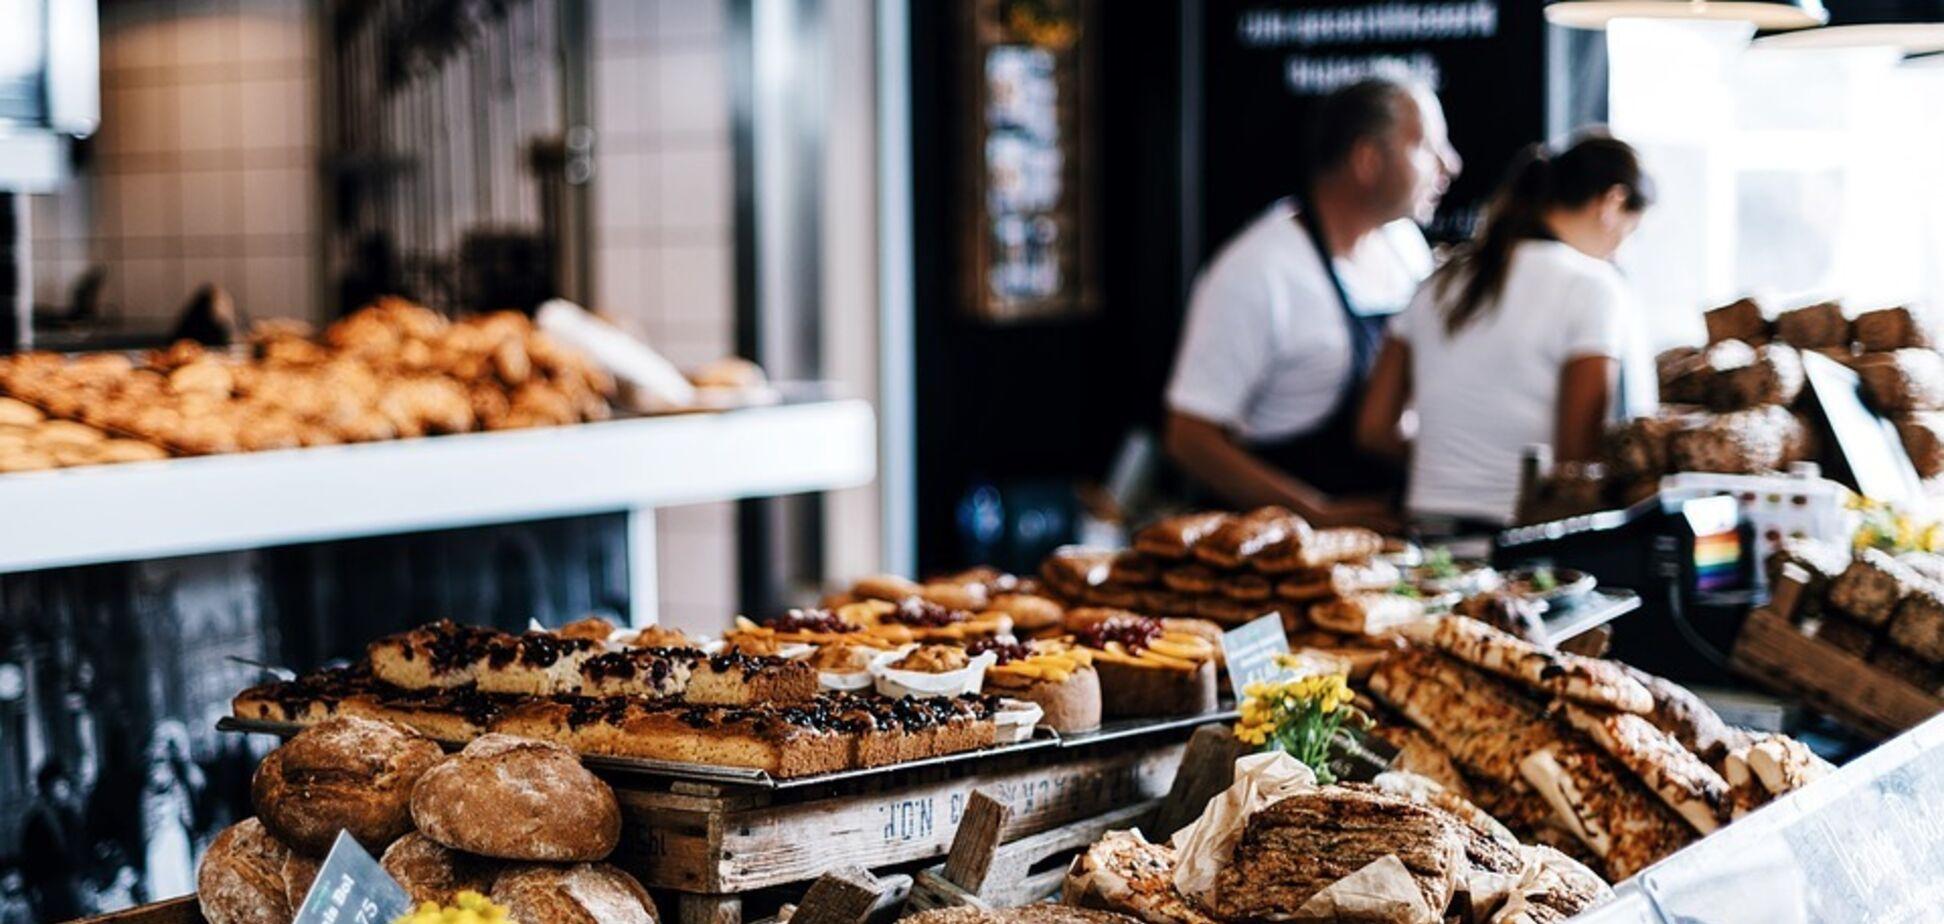 Хліб під час схуднення: дієтолог розкрила секрет вживання